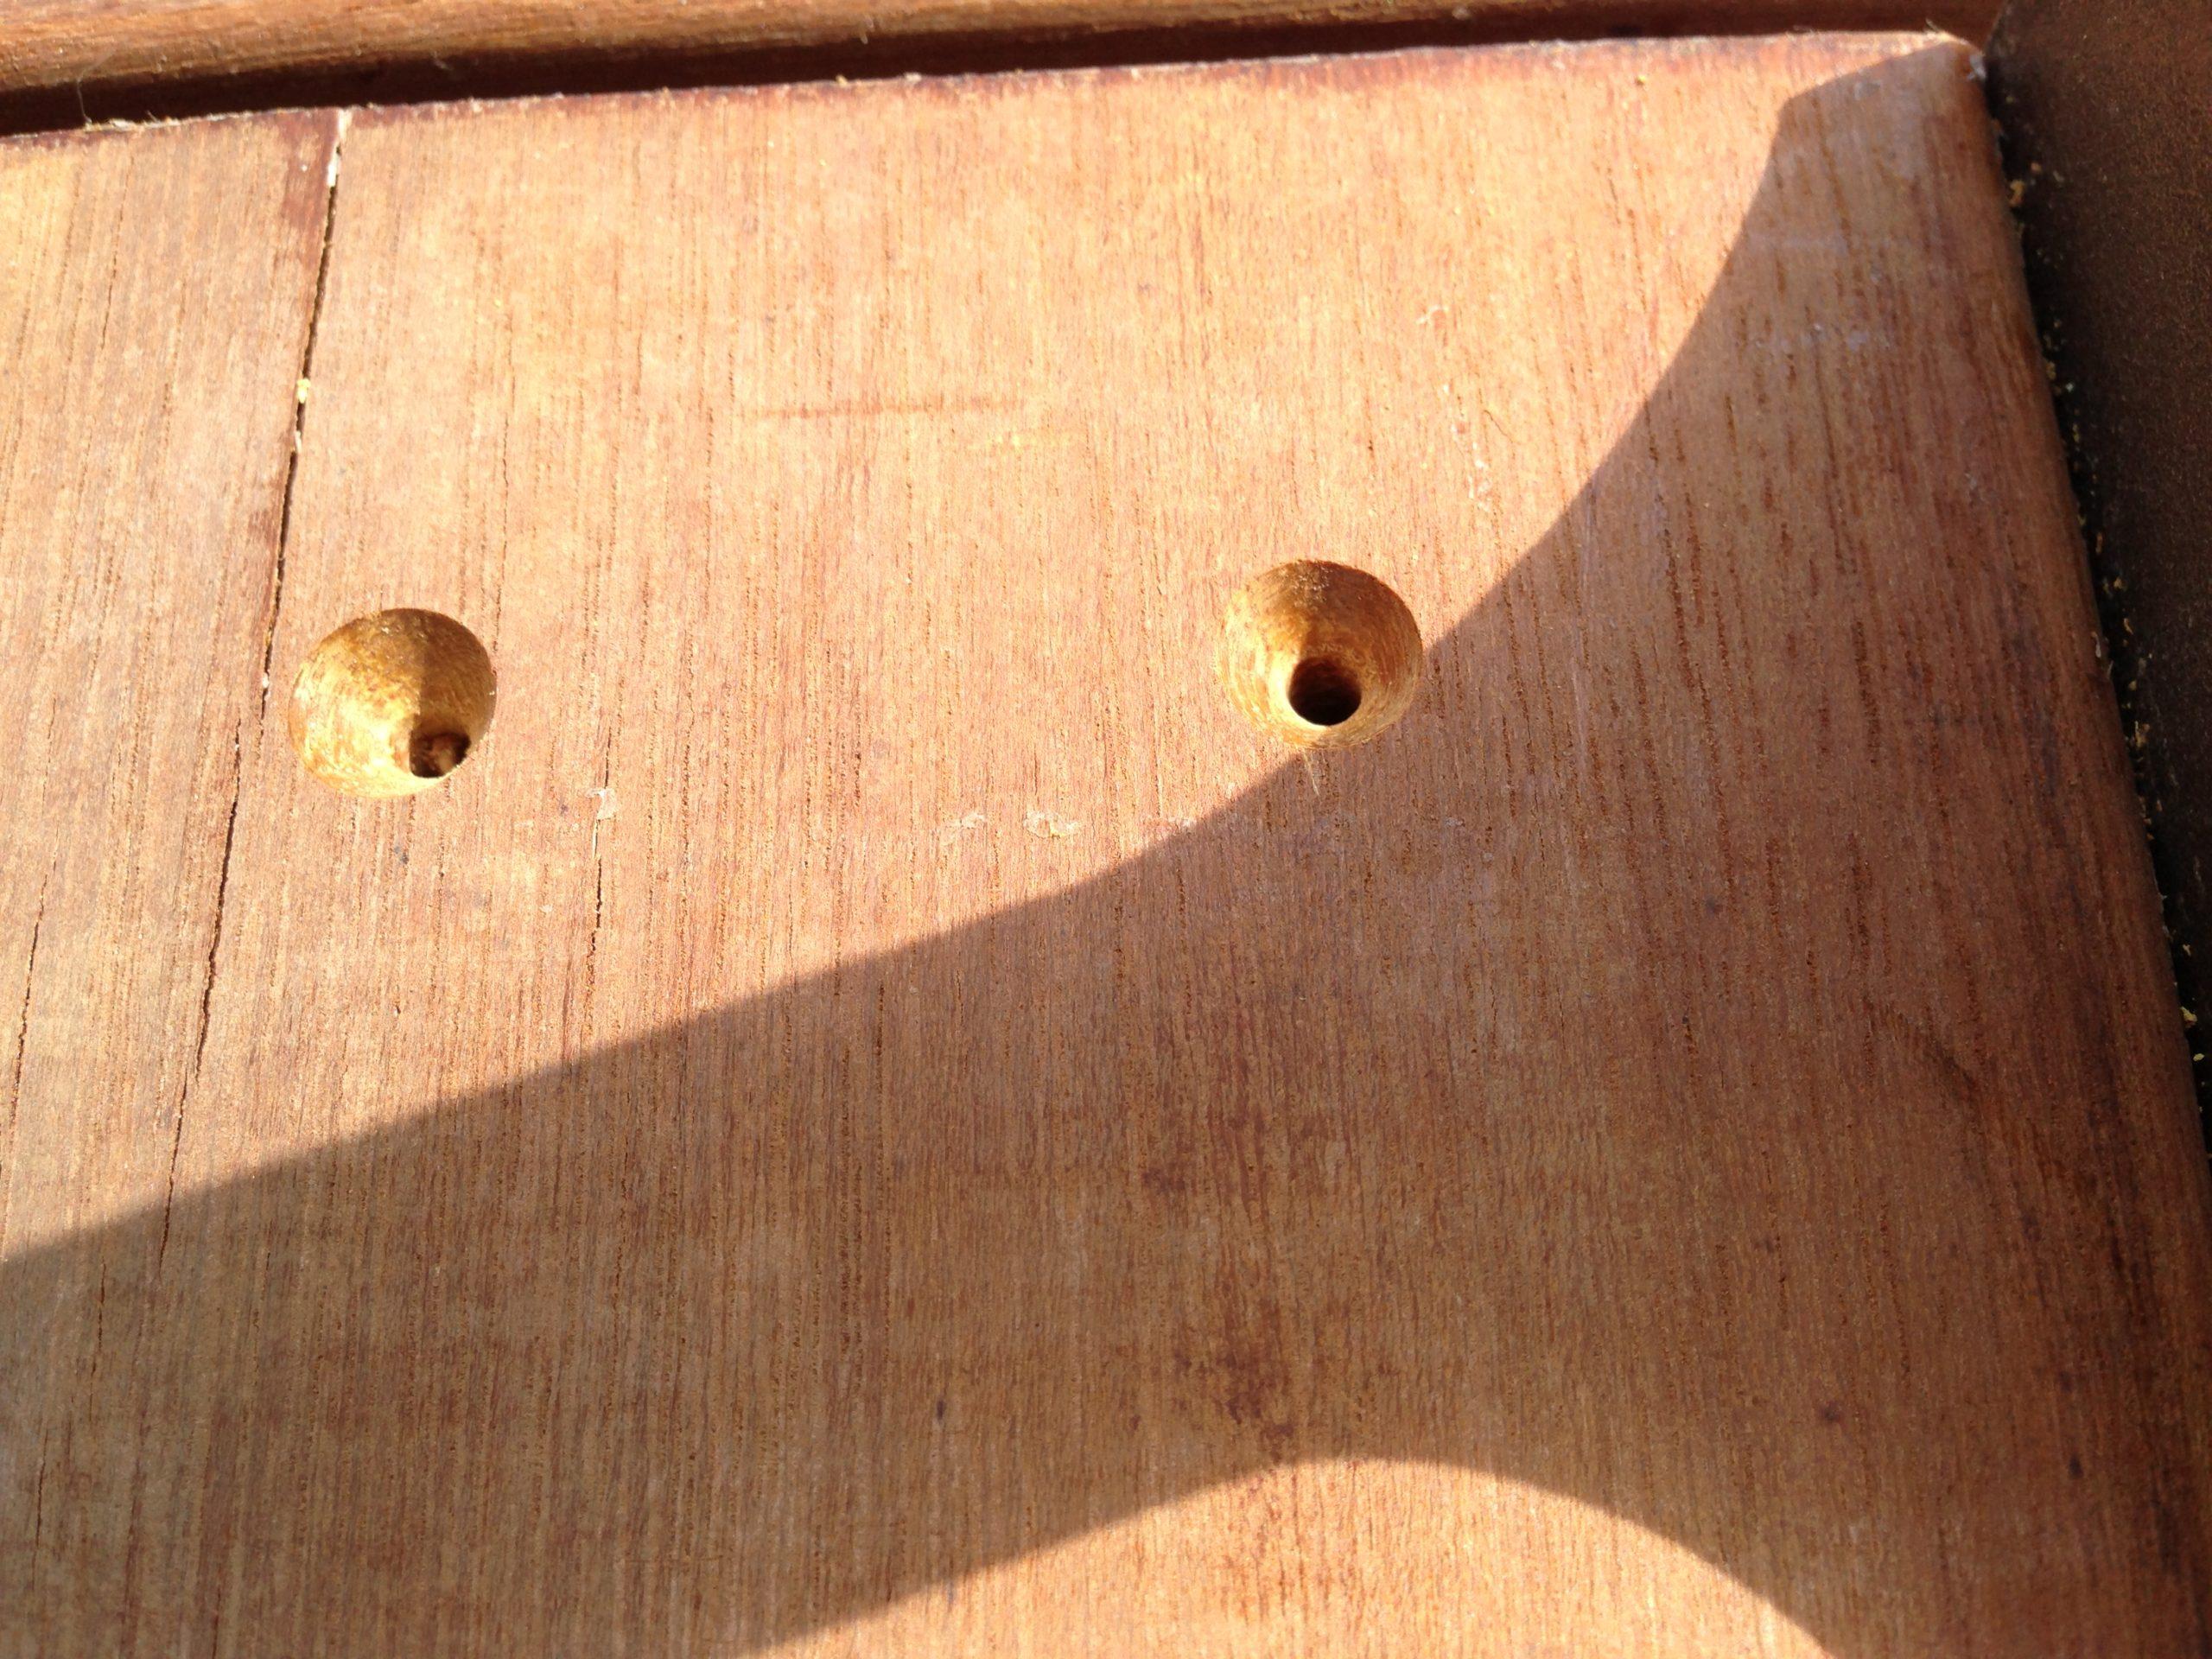 ウリン(アイアンウッド)を使ったウッドデッキの自作で皿取錐(さらとりきり)を使用